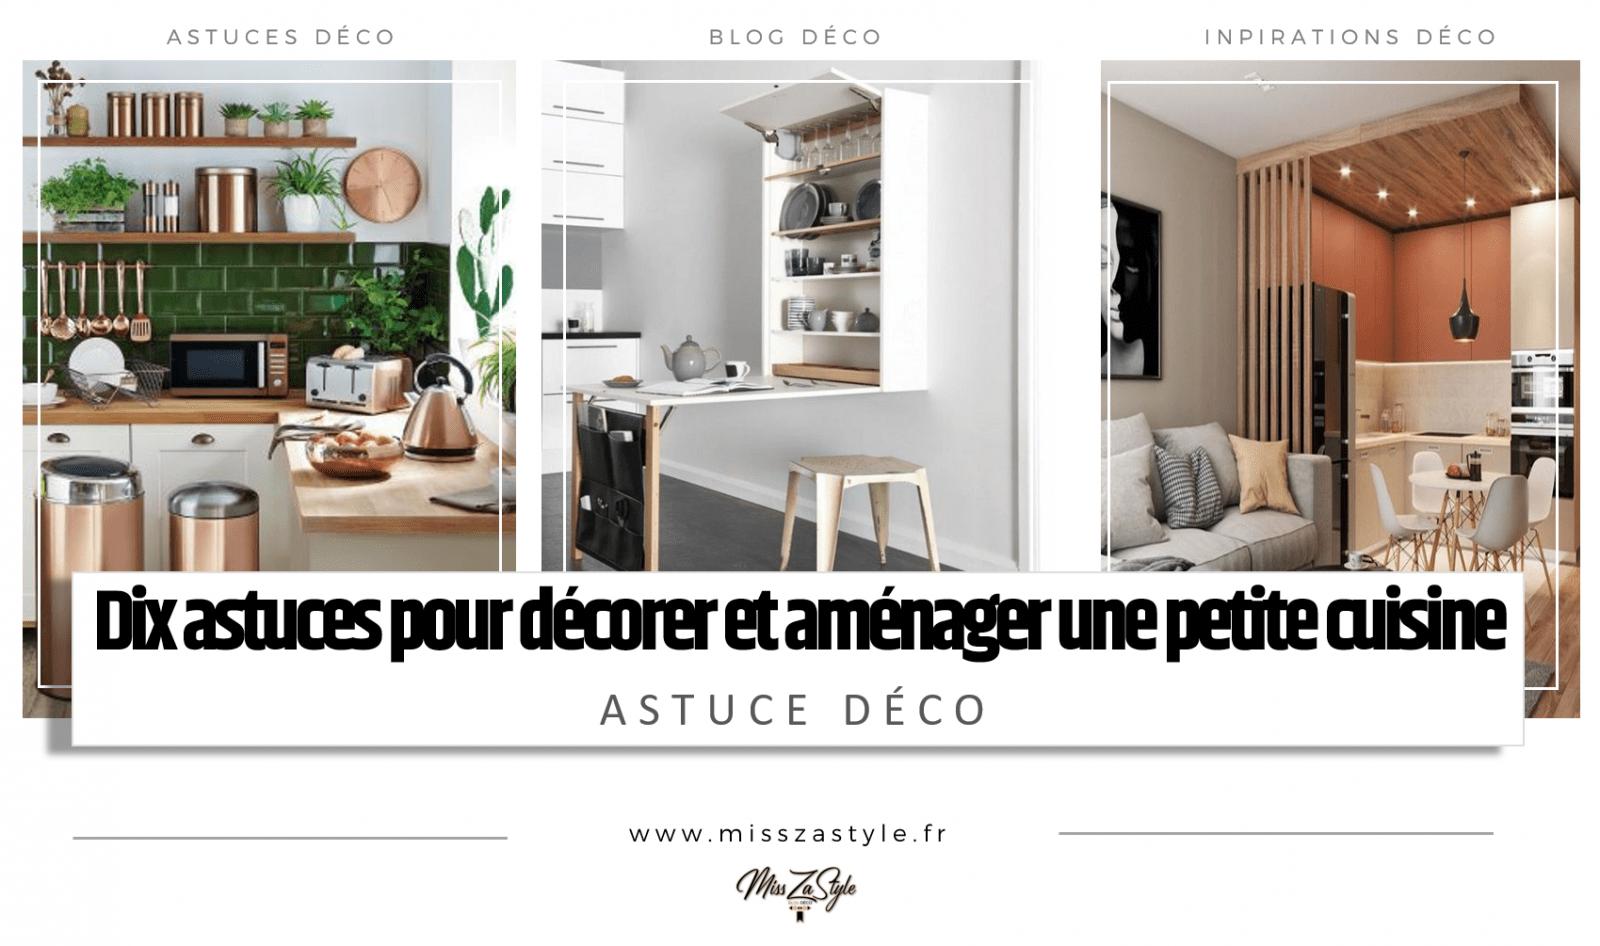 Dix astuces pour décorer et aménager une petite cuisine- Blog Déco